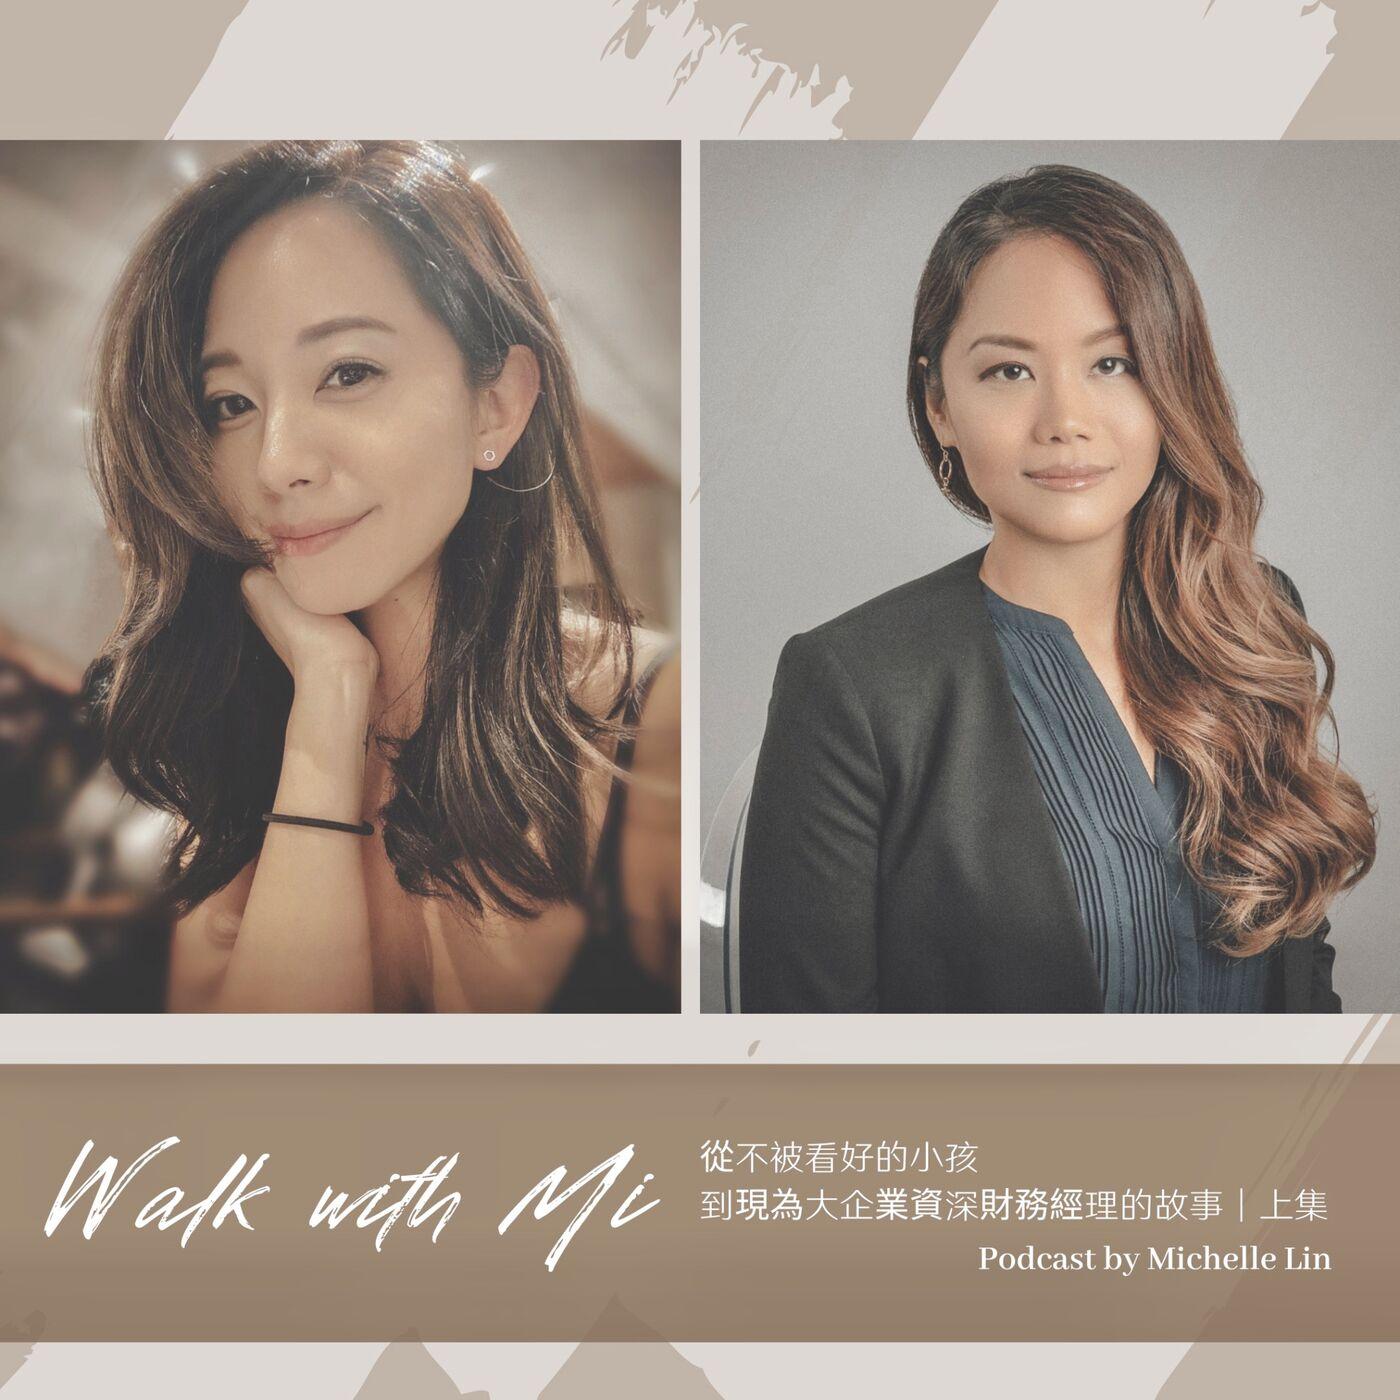 EP7 - 專訪我的姐姐|從不被看好的小孩,到現為大企業資深財務經理的故事 (上)